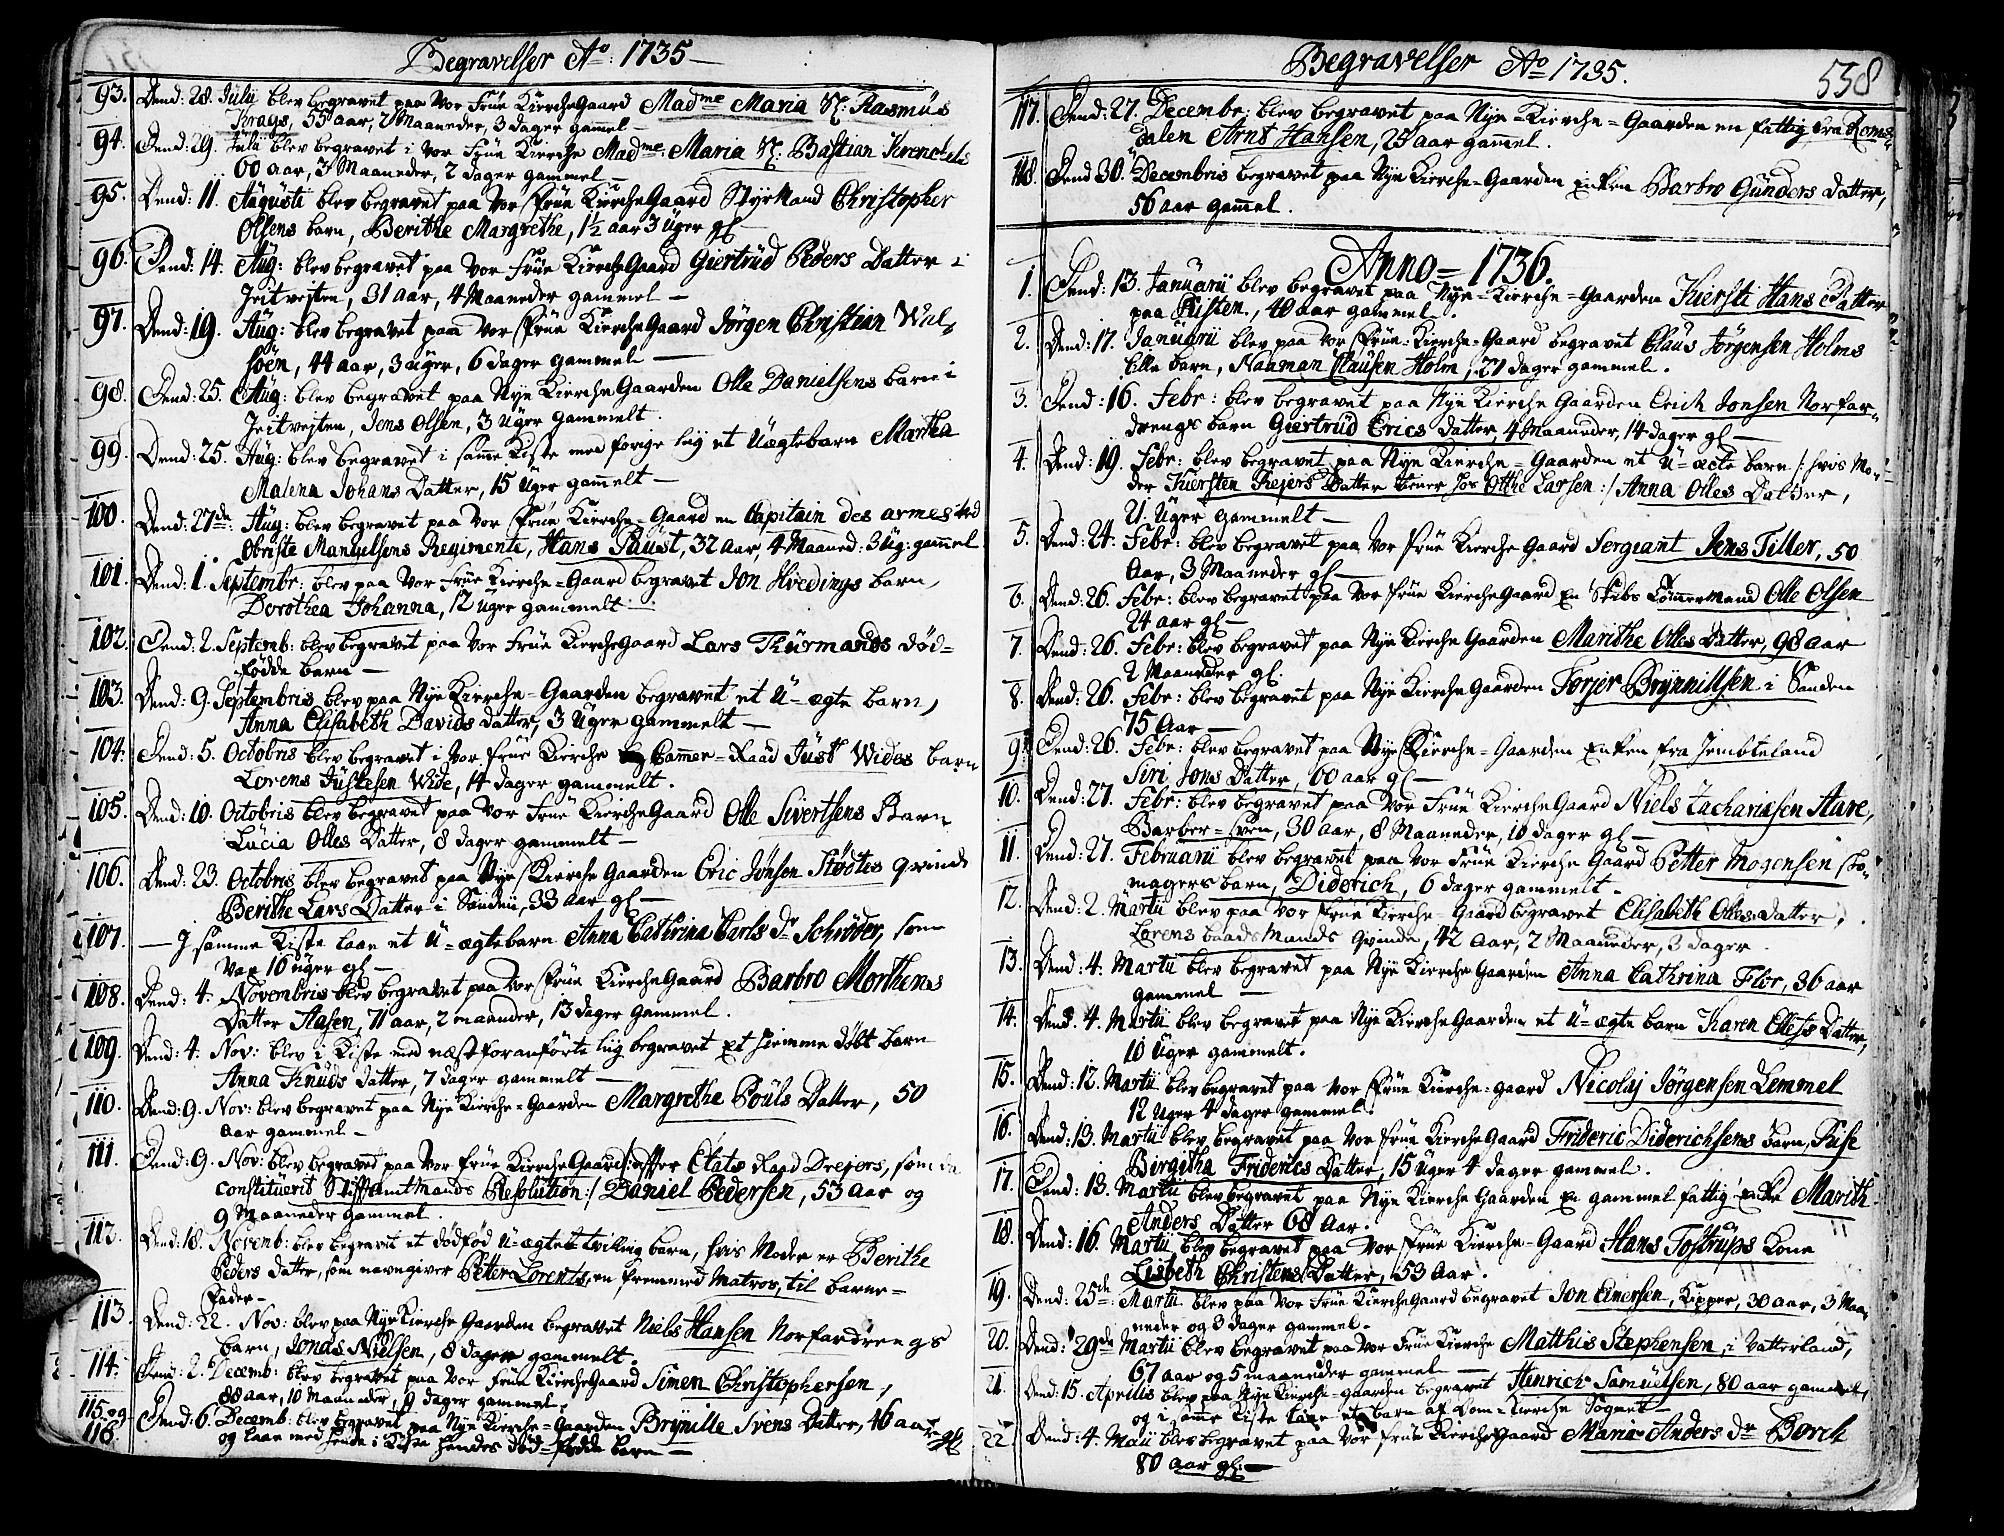 SAT, Ministerialprotokoller, klokkerbøker og fødselsregistre - Sør-Trøndelag, 602/L0103: Ministerialbok nr. 602A01, 1732-1774, s. 558